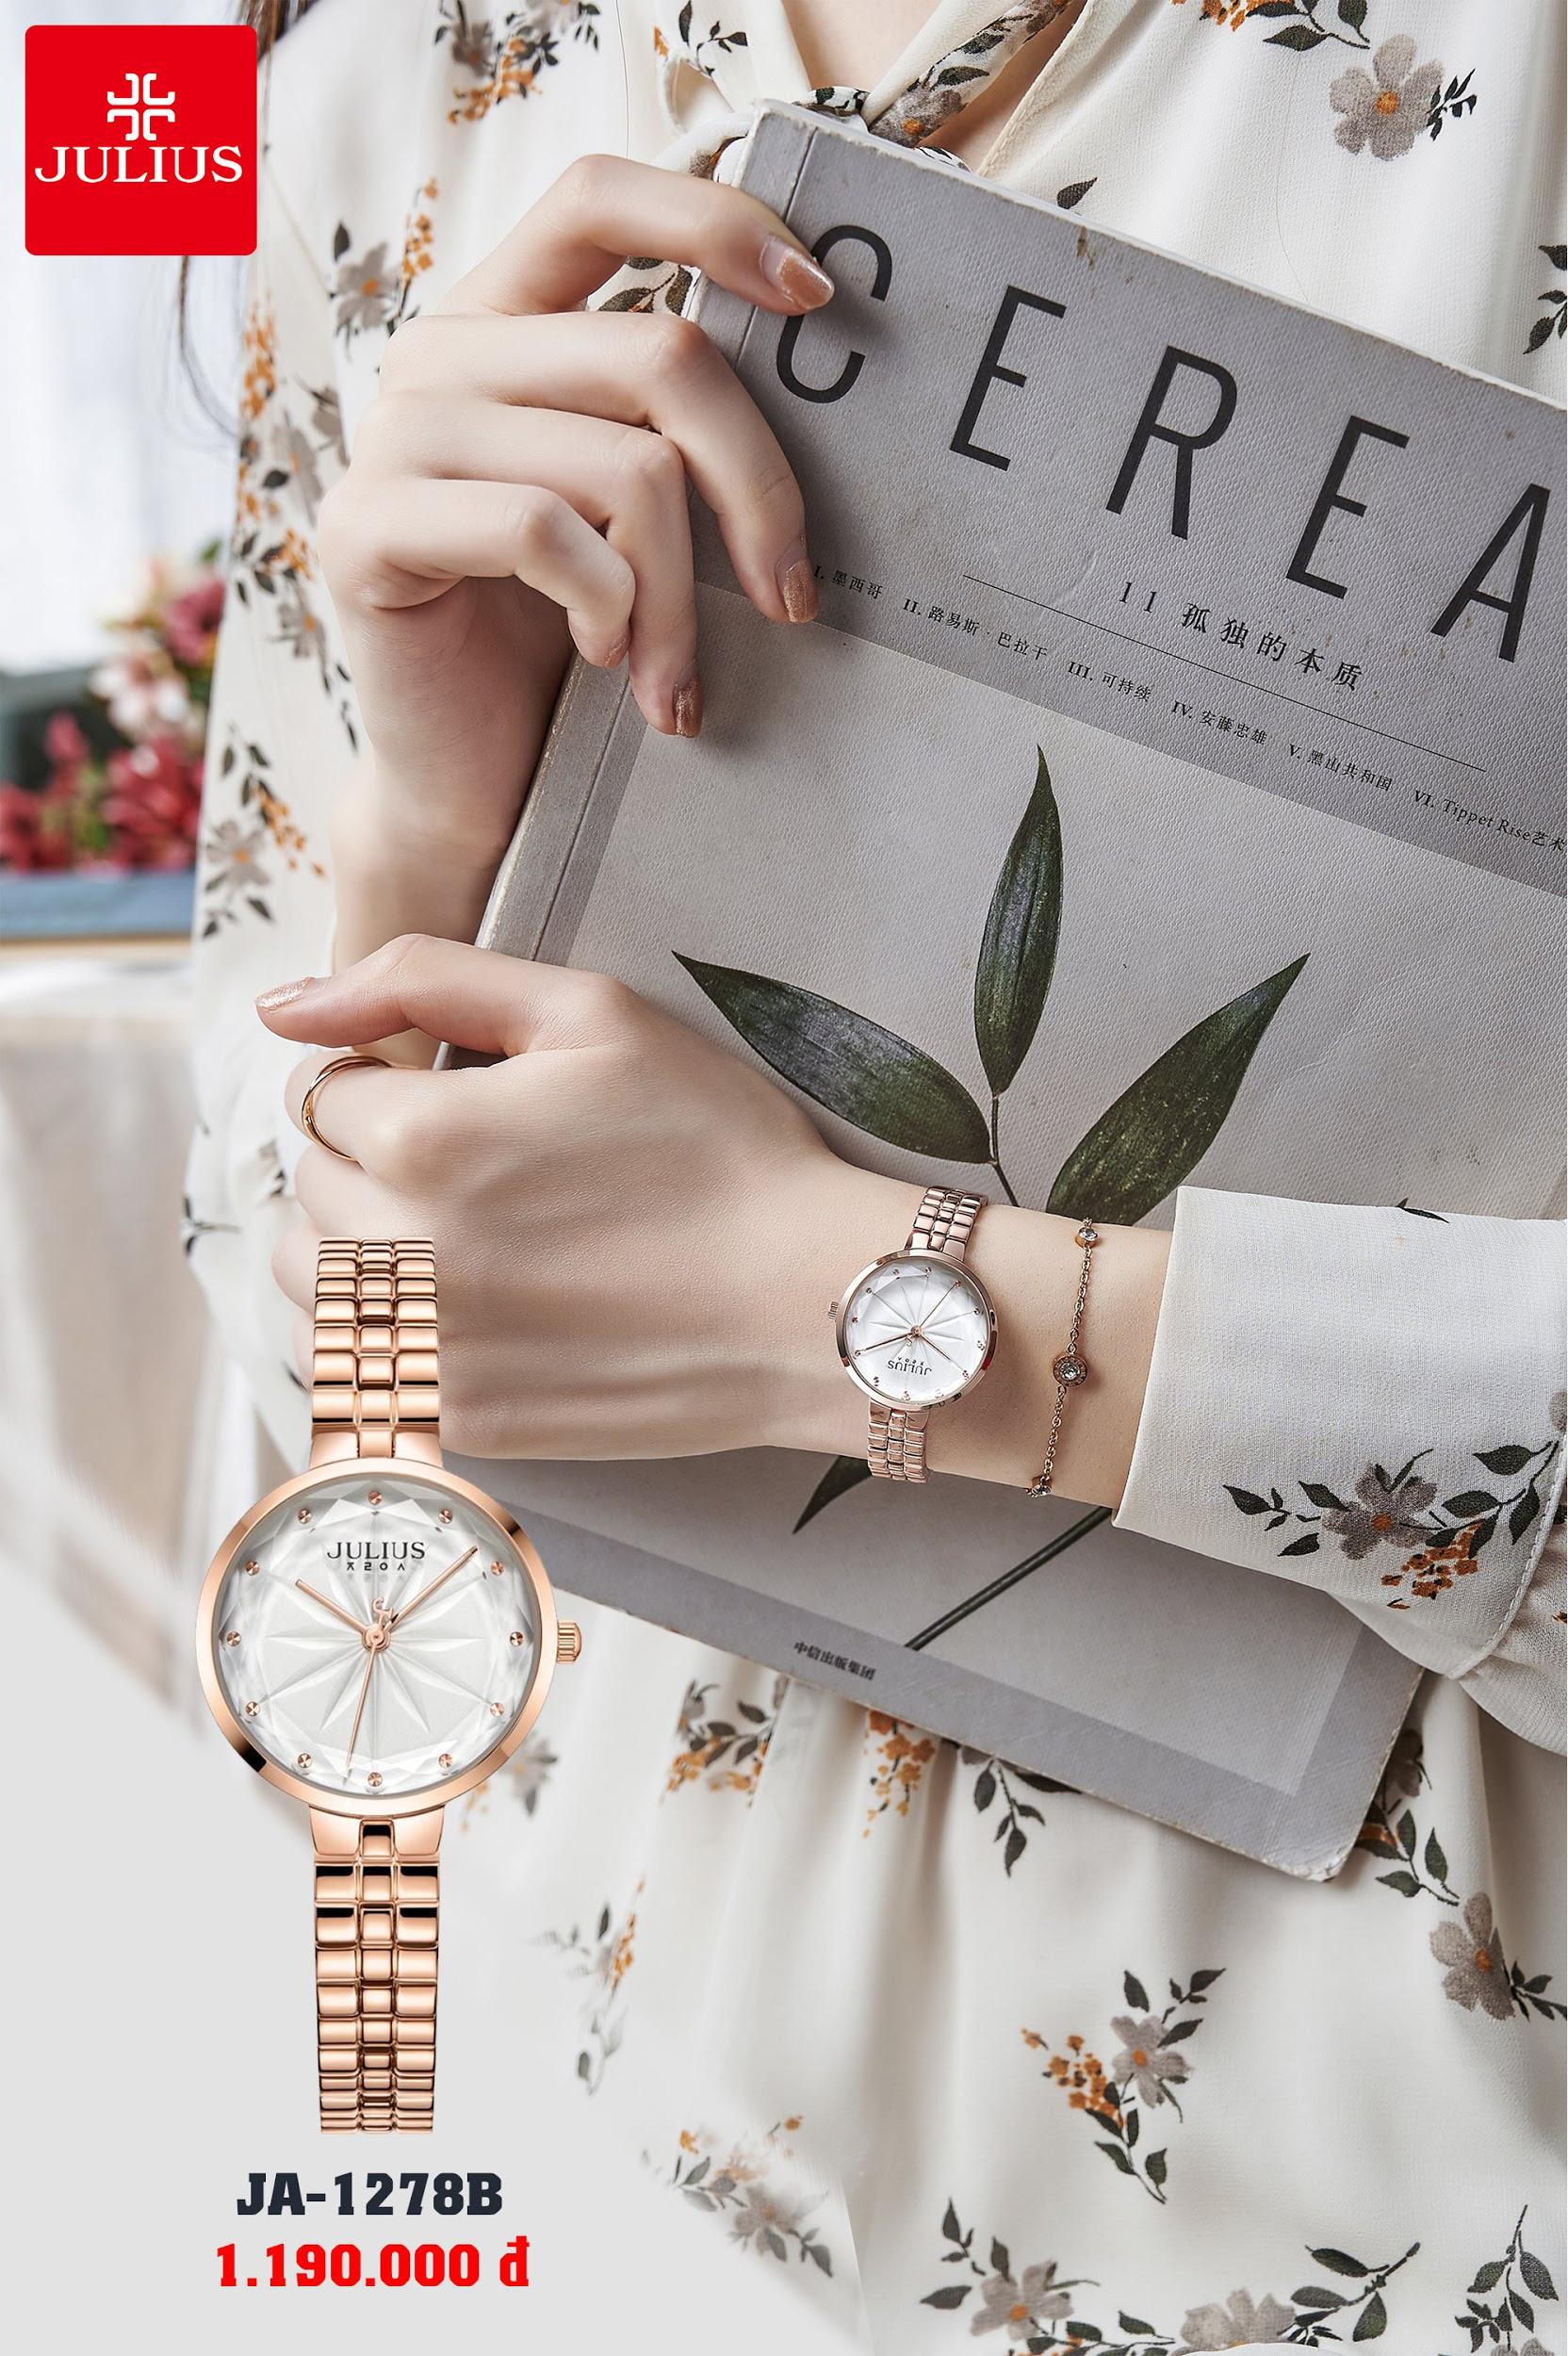 Đồng hồ thời trang Julius đẳng cấp - trao trọn yêu thương cho phái đẹp nhân ngày 8/3 - Ảnh 1.